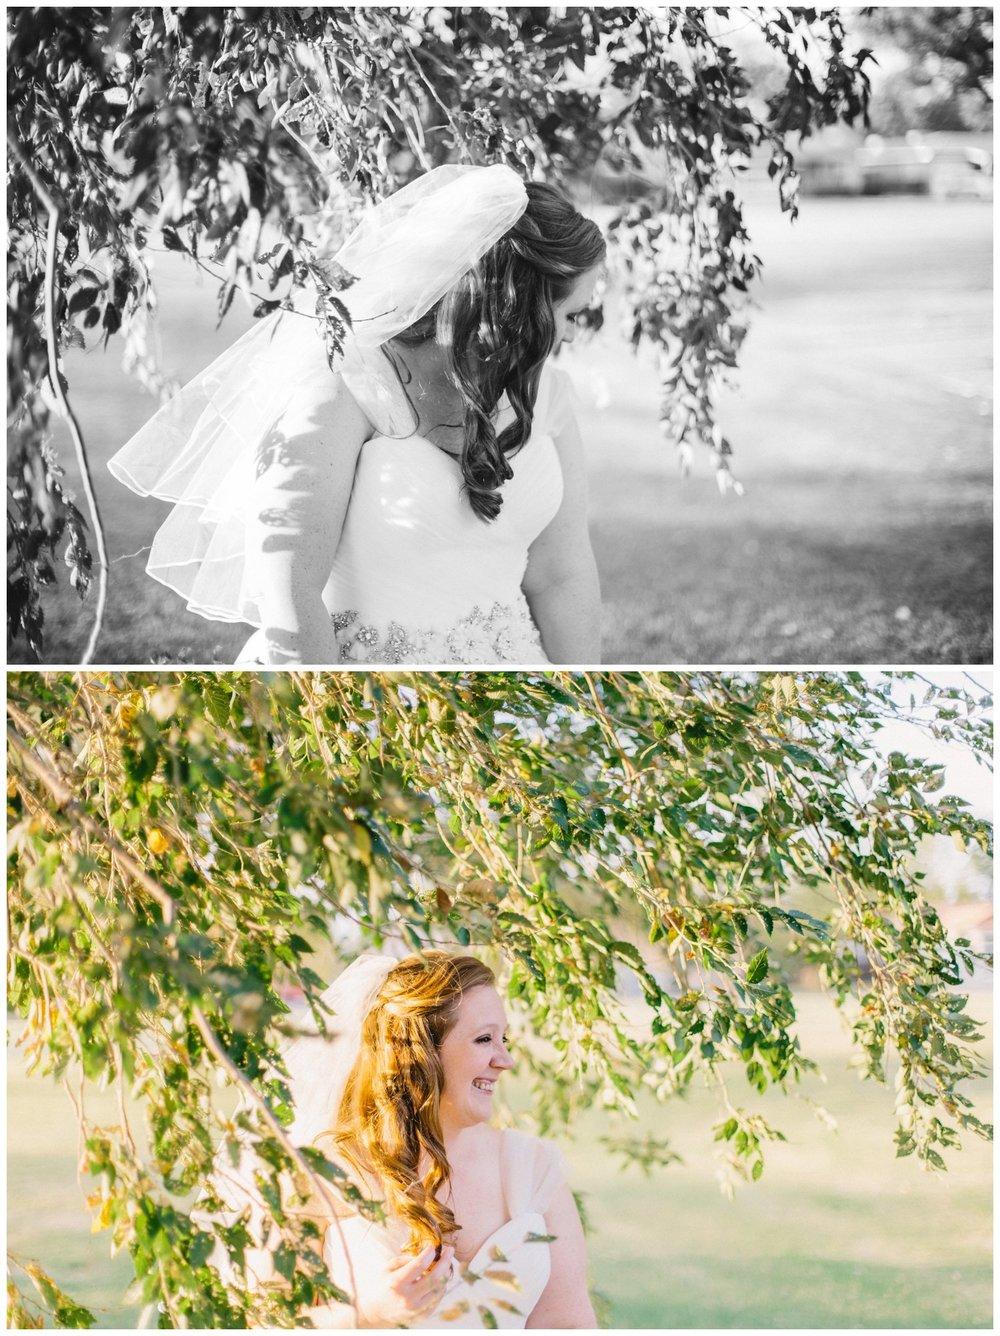 Kamie_Lubbock arboretum bridal portraits_22.jpg